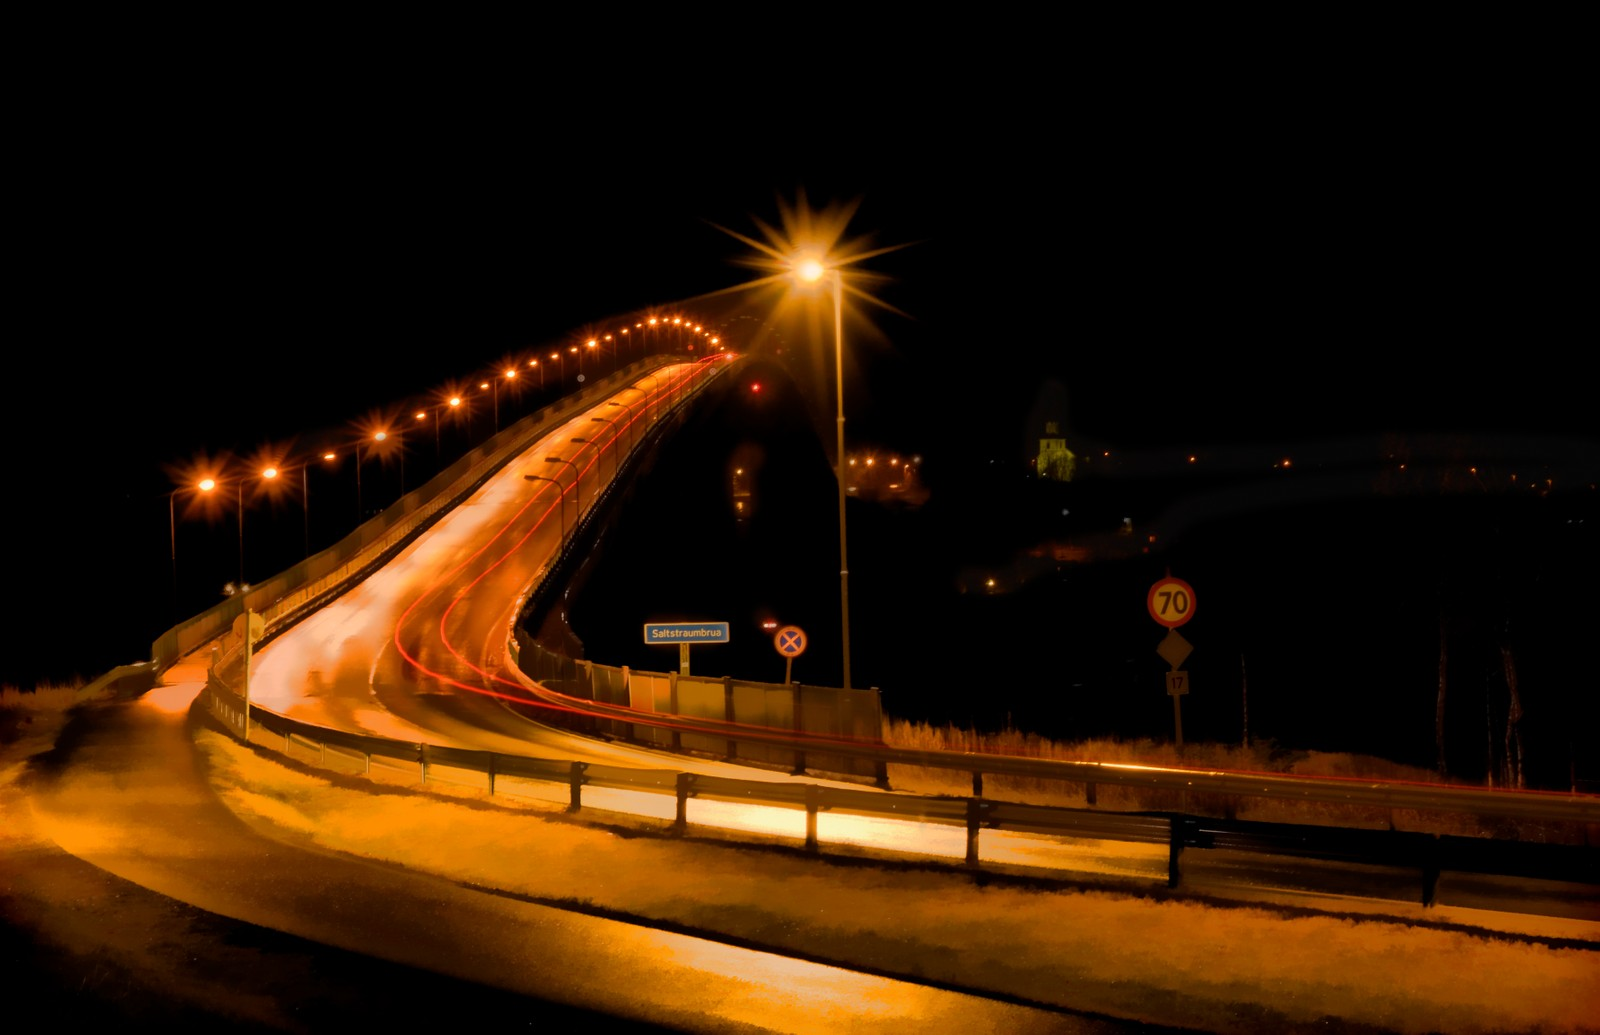 Morgentrafikk ved Saltstraumen.